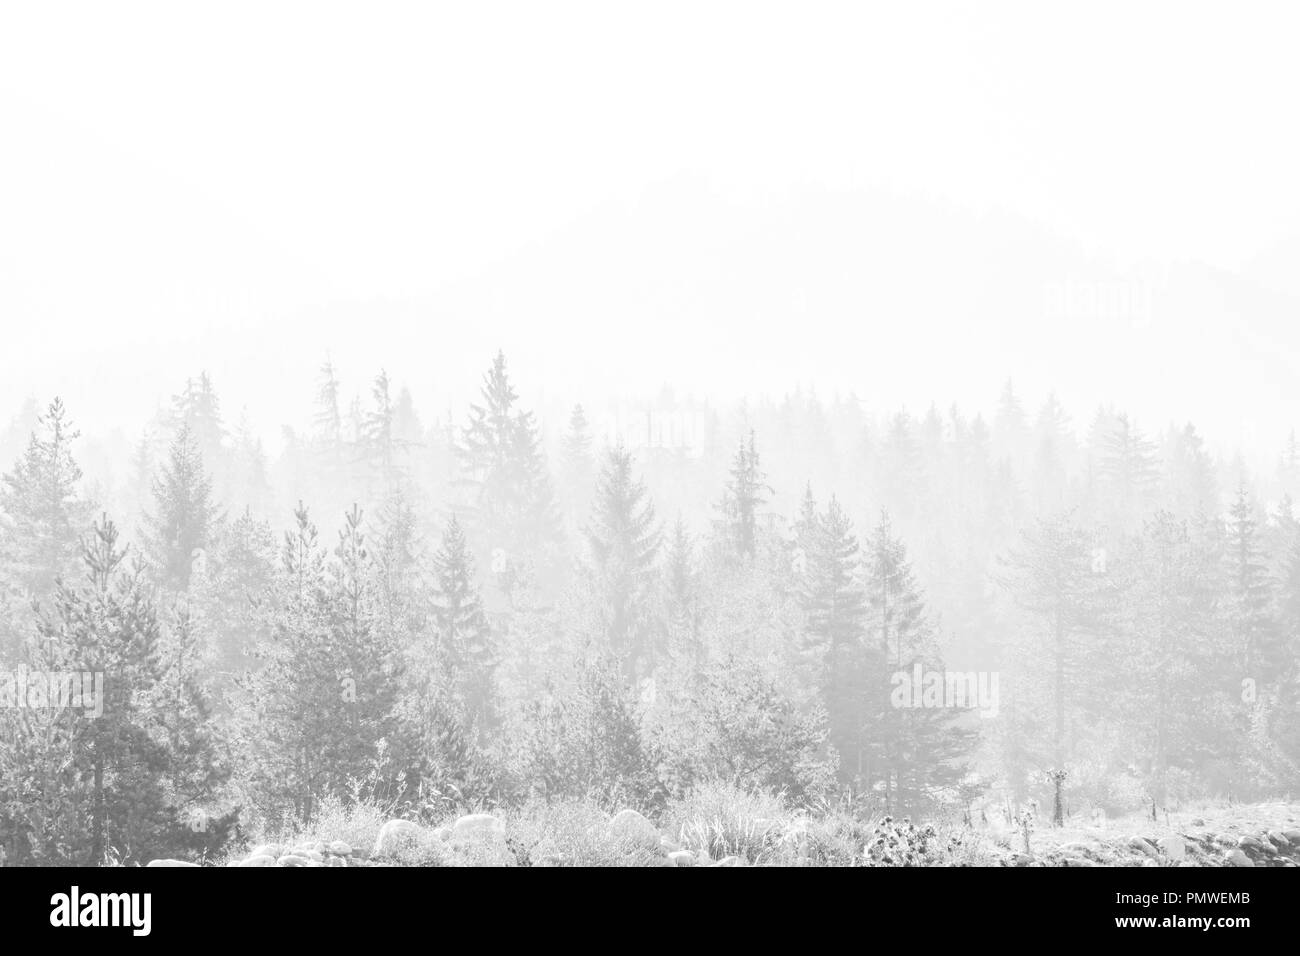 Foresta Di Conifere Isolati Su Sfondo Bianco Nero Silhouette